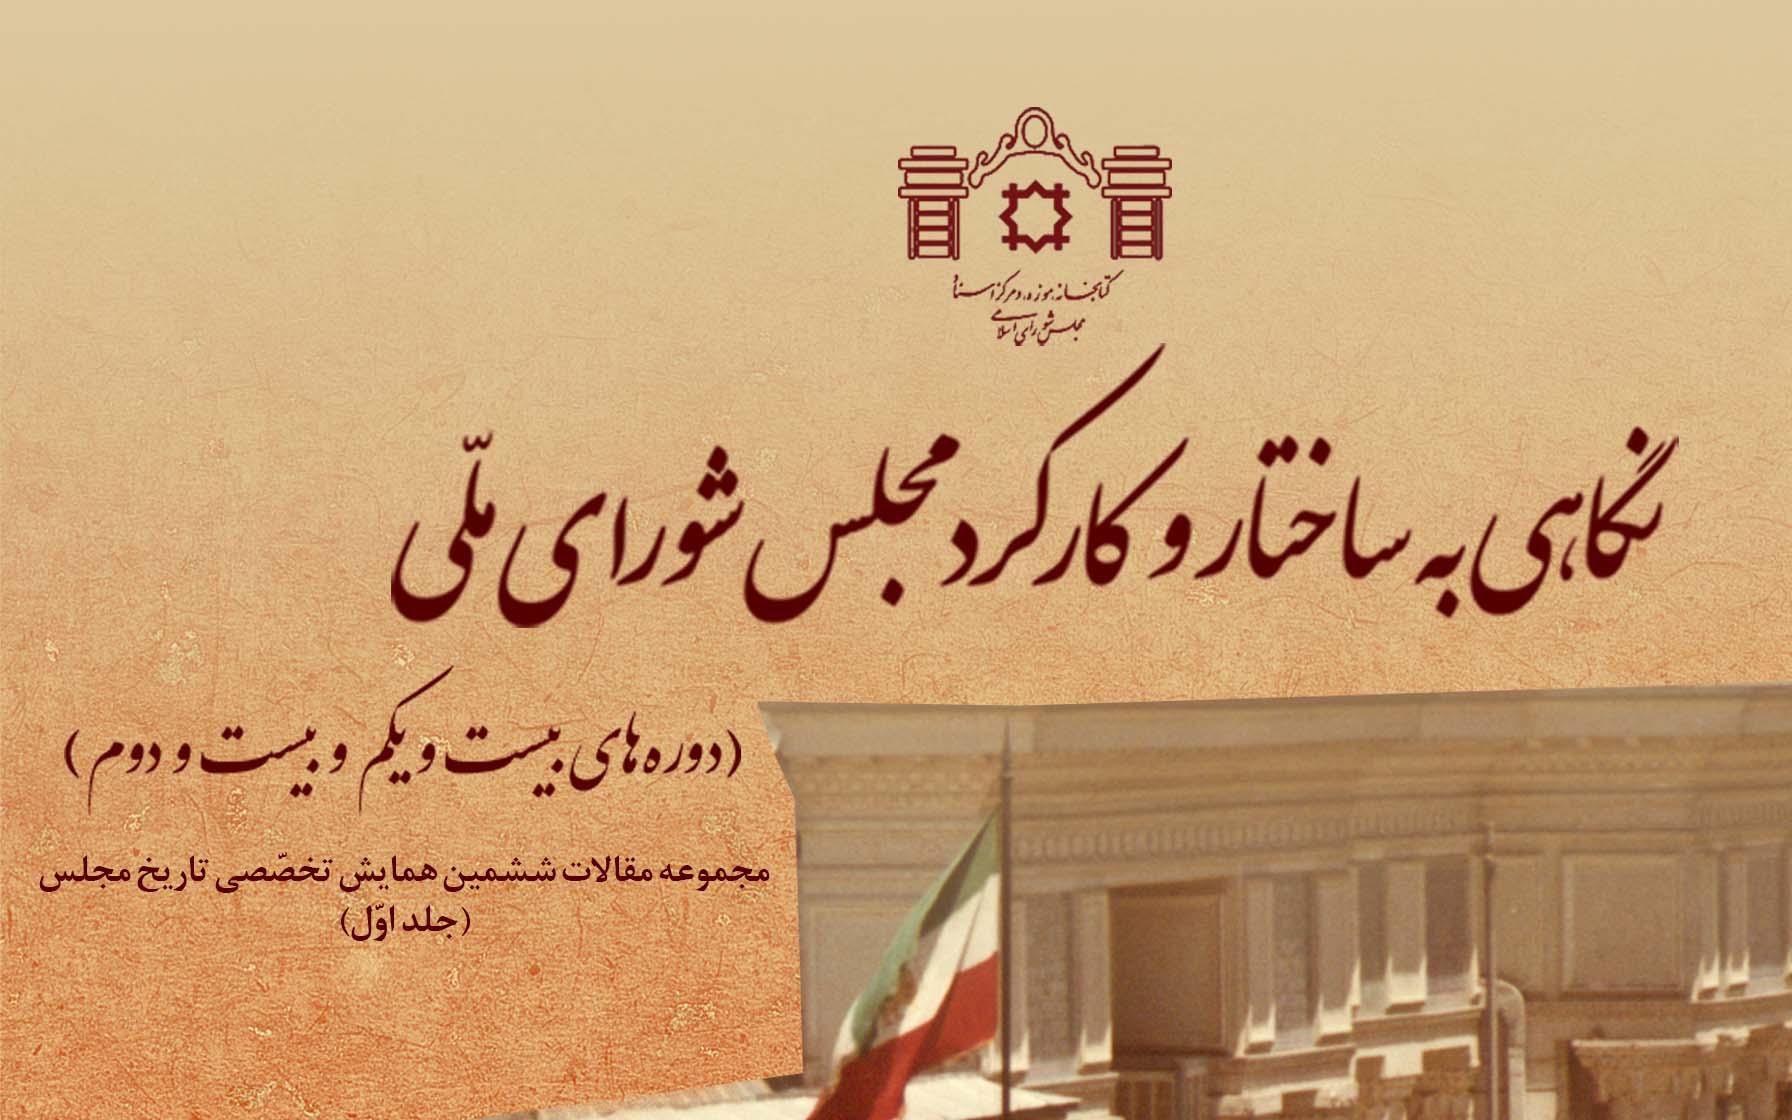 معرفی کتاب نگاهی به ساختار و کارکرد مجلس شورای ملی ( دورههای بیست و یکم و بیست و دوم)